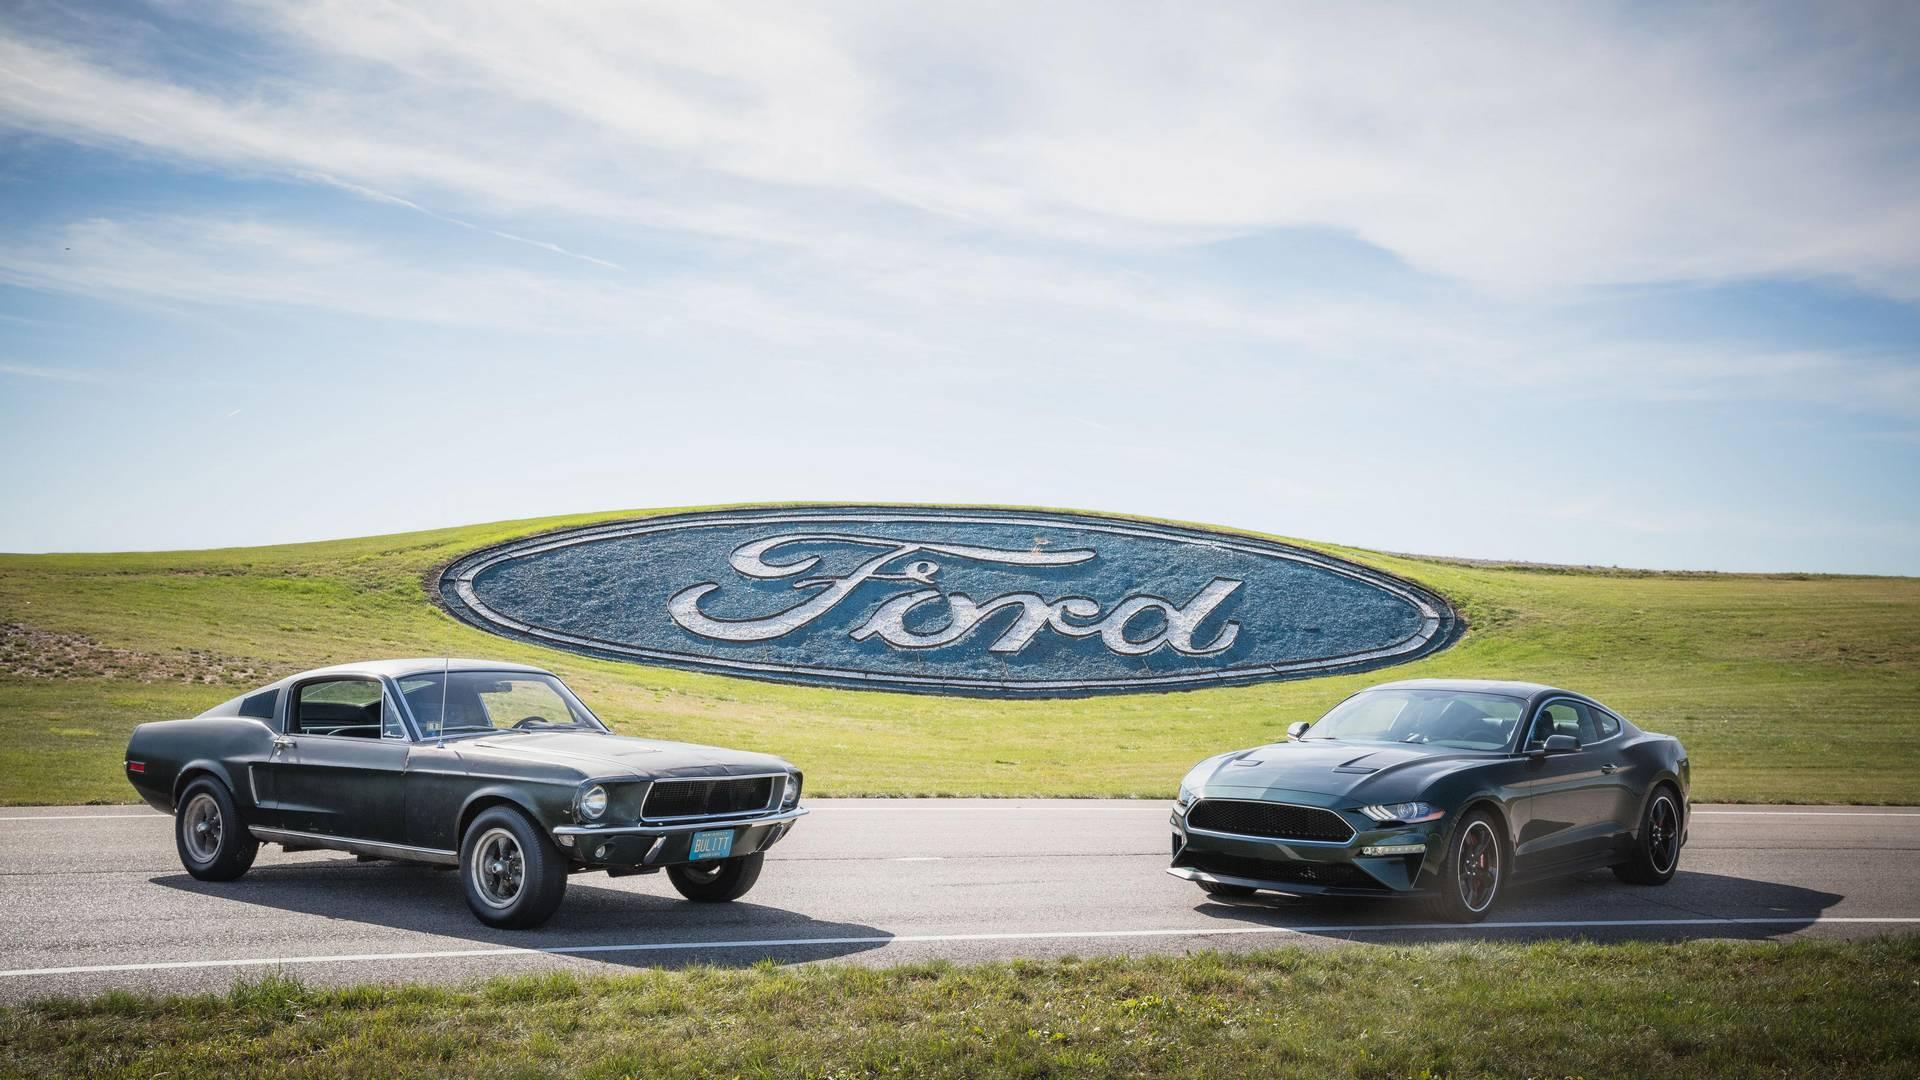 Автомобиль доступен с тем же цветом экстерьера Dark Highland Green и хромированными акцентами, что и в фильм, или в цвете Shaddow Black, если это необходимо.